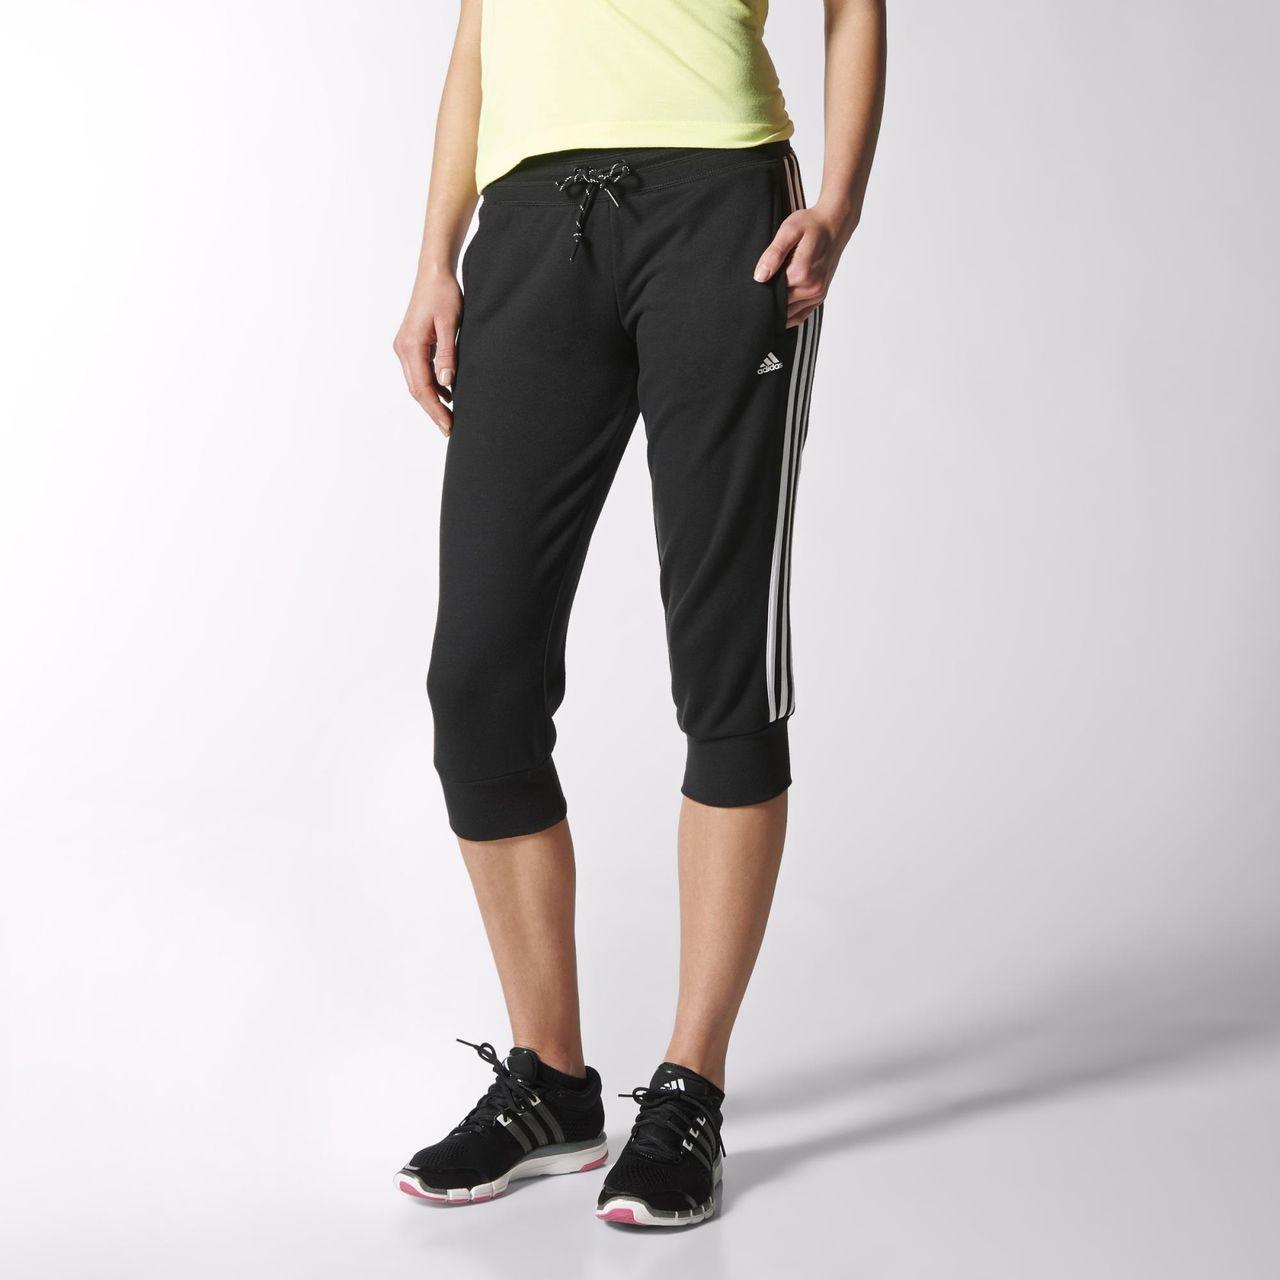 Adidas Sport Essentials pantalones Adidas negro nosotros AA (más ropa